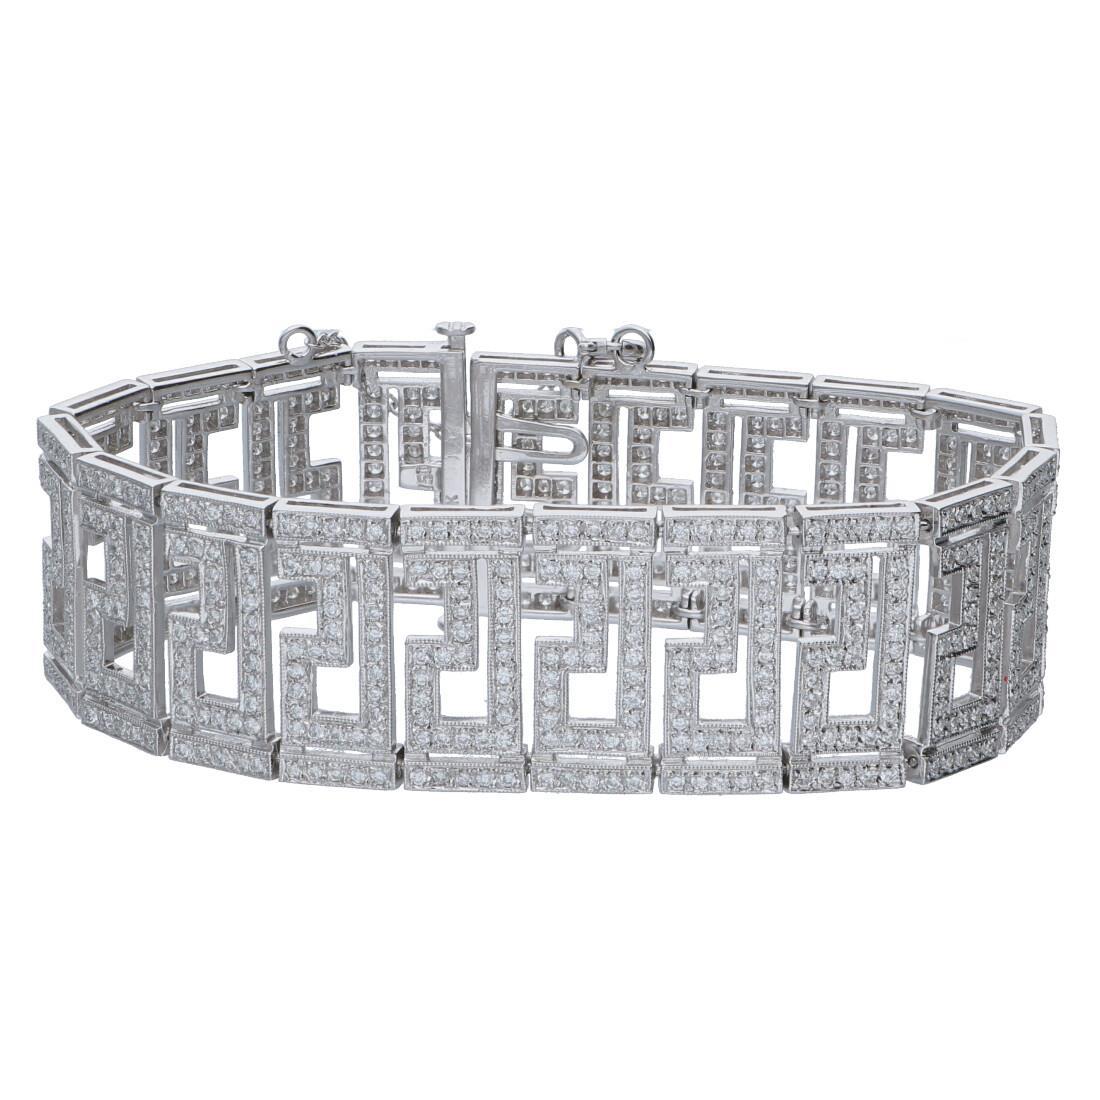 Bracciale design in oro bianco con diamanti ct 7.90 - ORO&CO